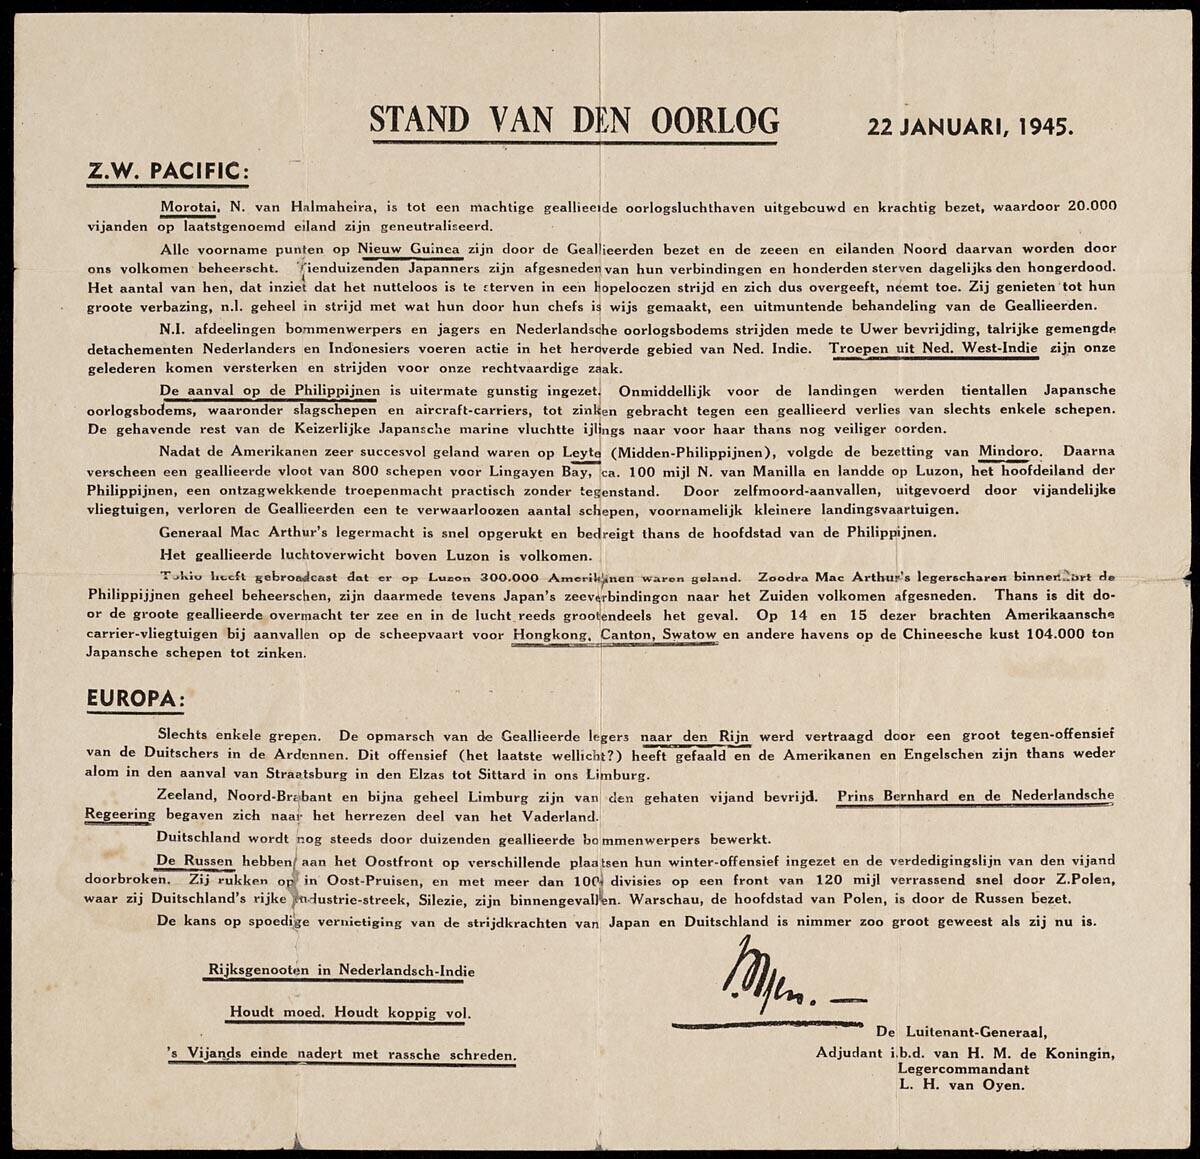 Pamflet 'Stand van oorlog' - Oorlog in inkt